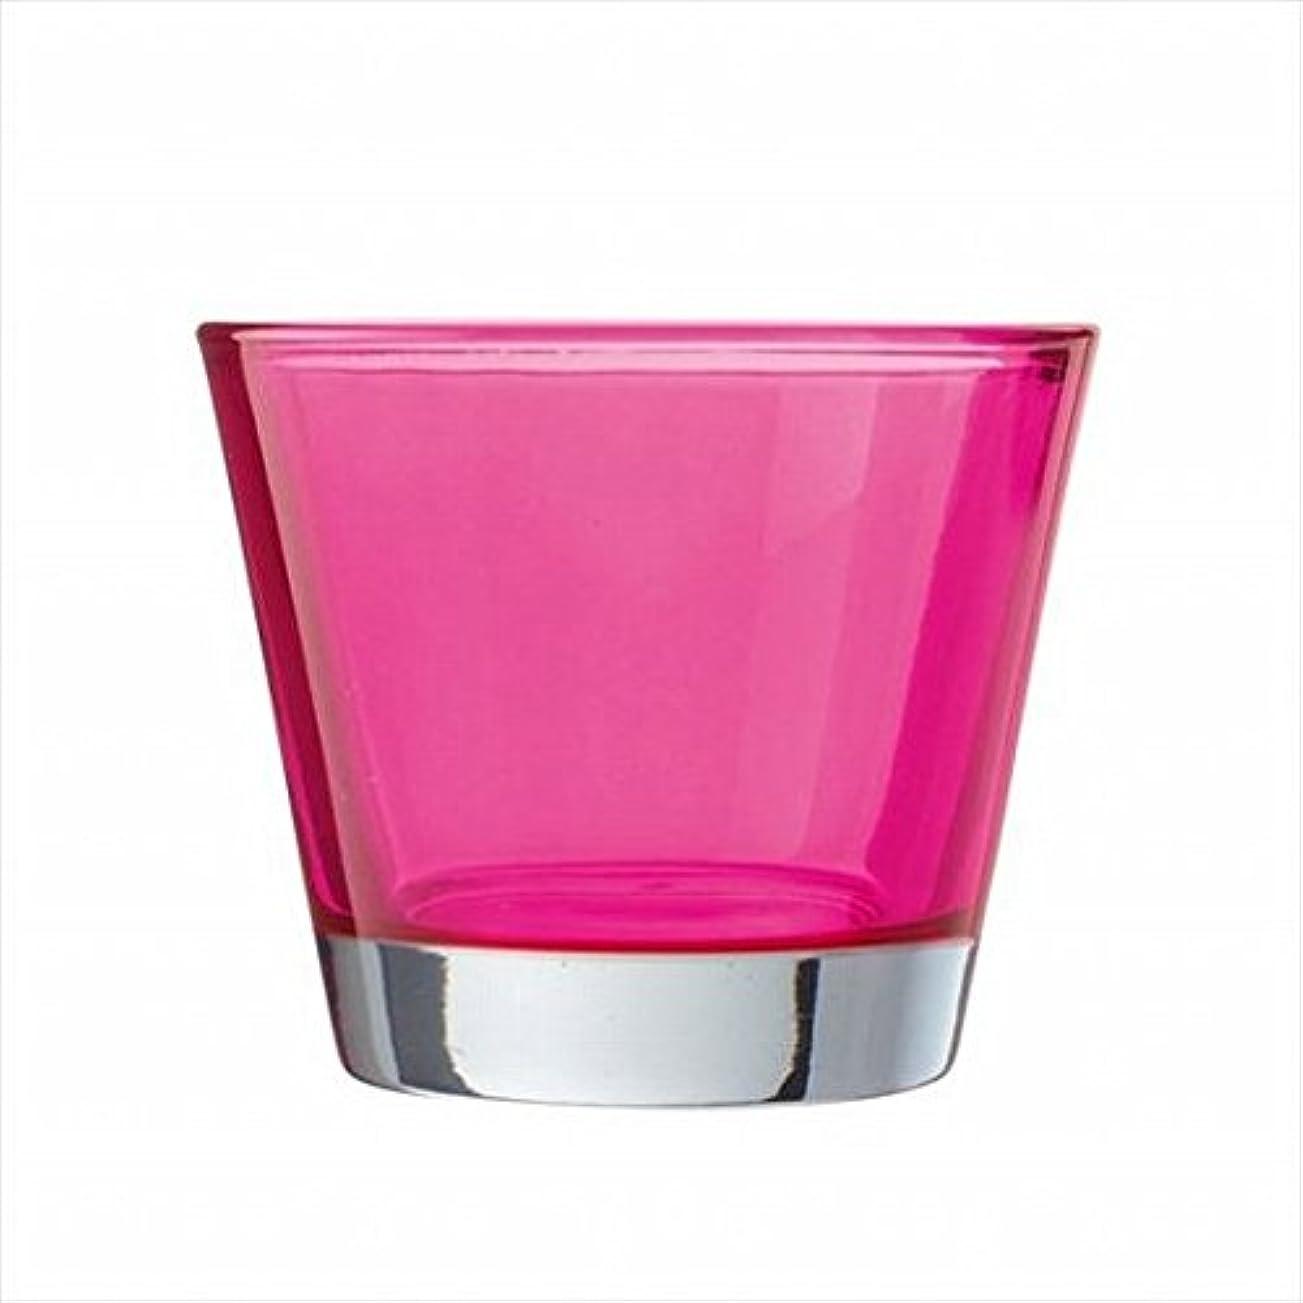 入札口そよ風kameyama candle(カメヤマキャンドル) カラリス 「 ピンク 」 キャンドル 82x82x70mm (J2540000PK)